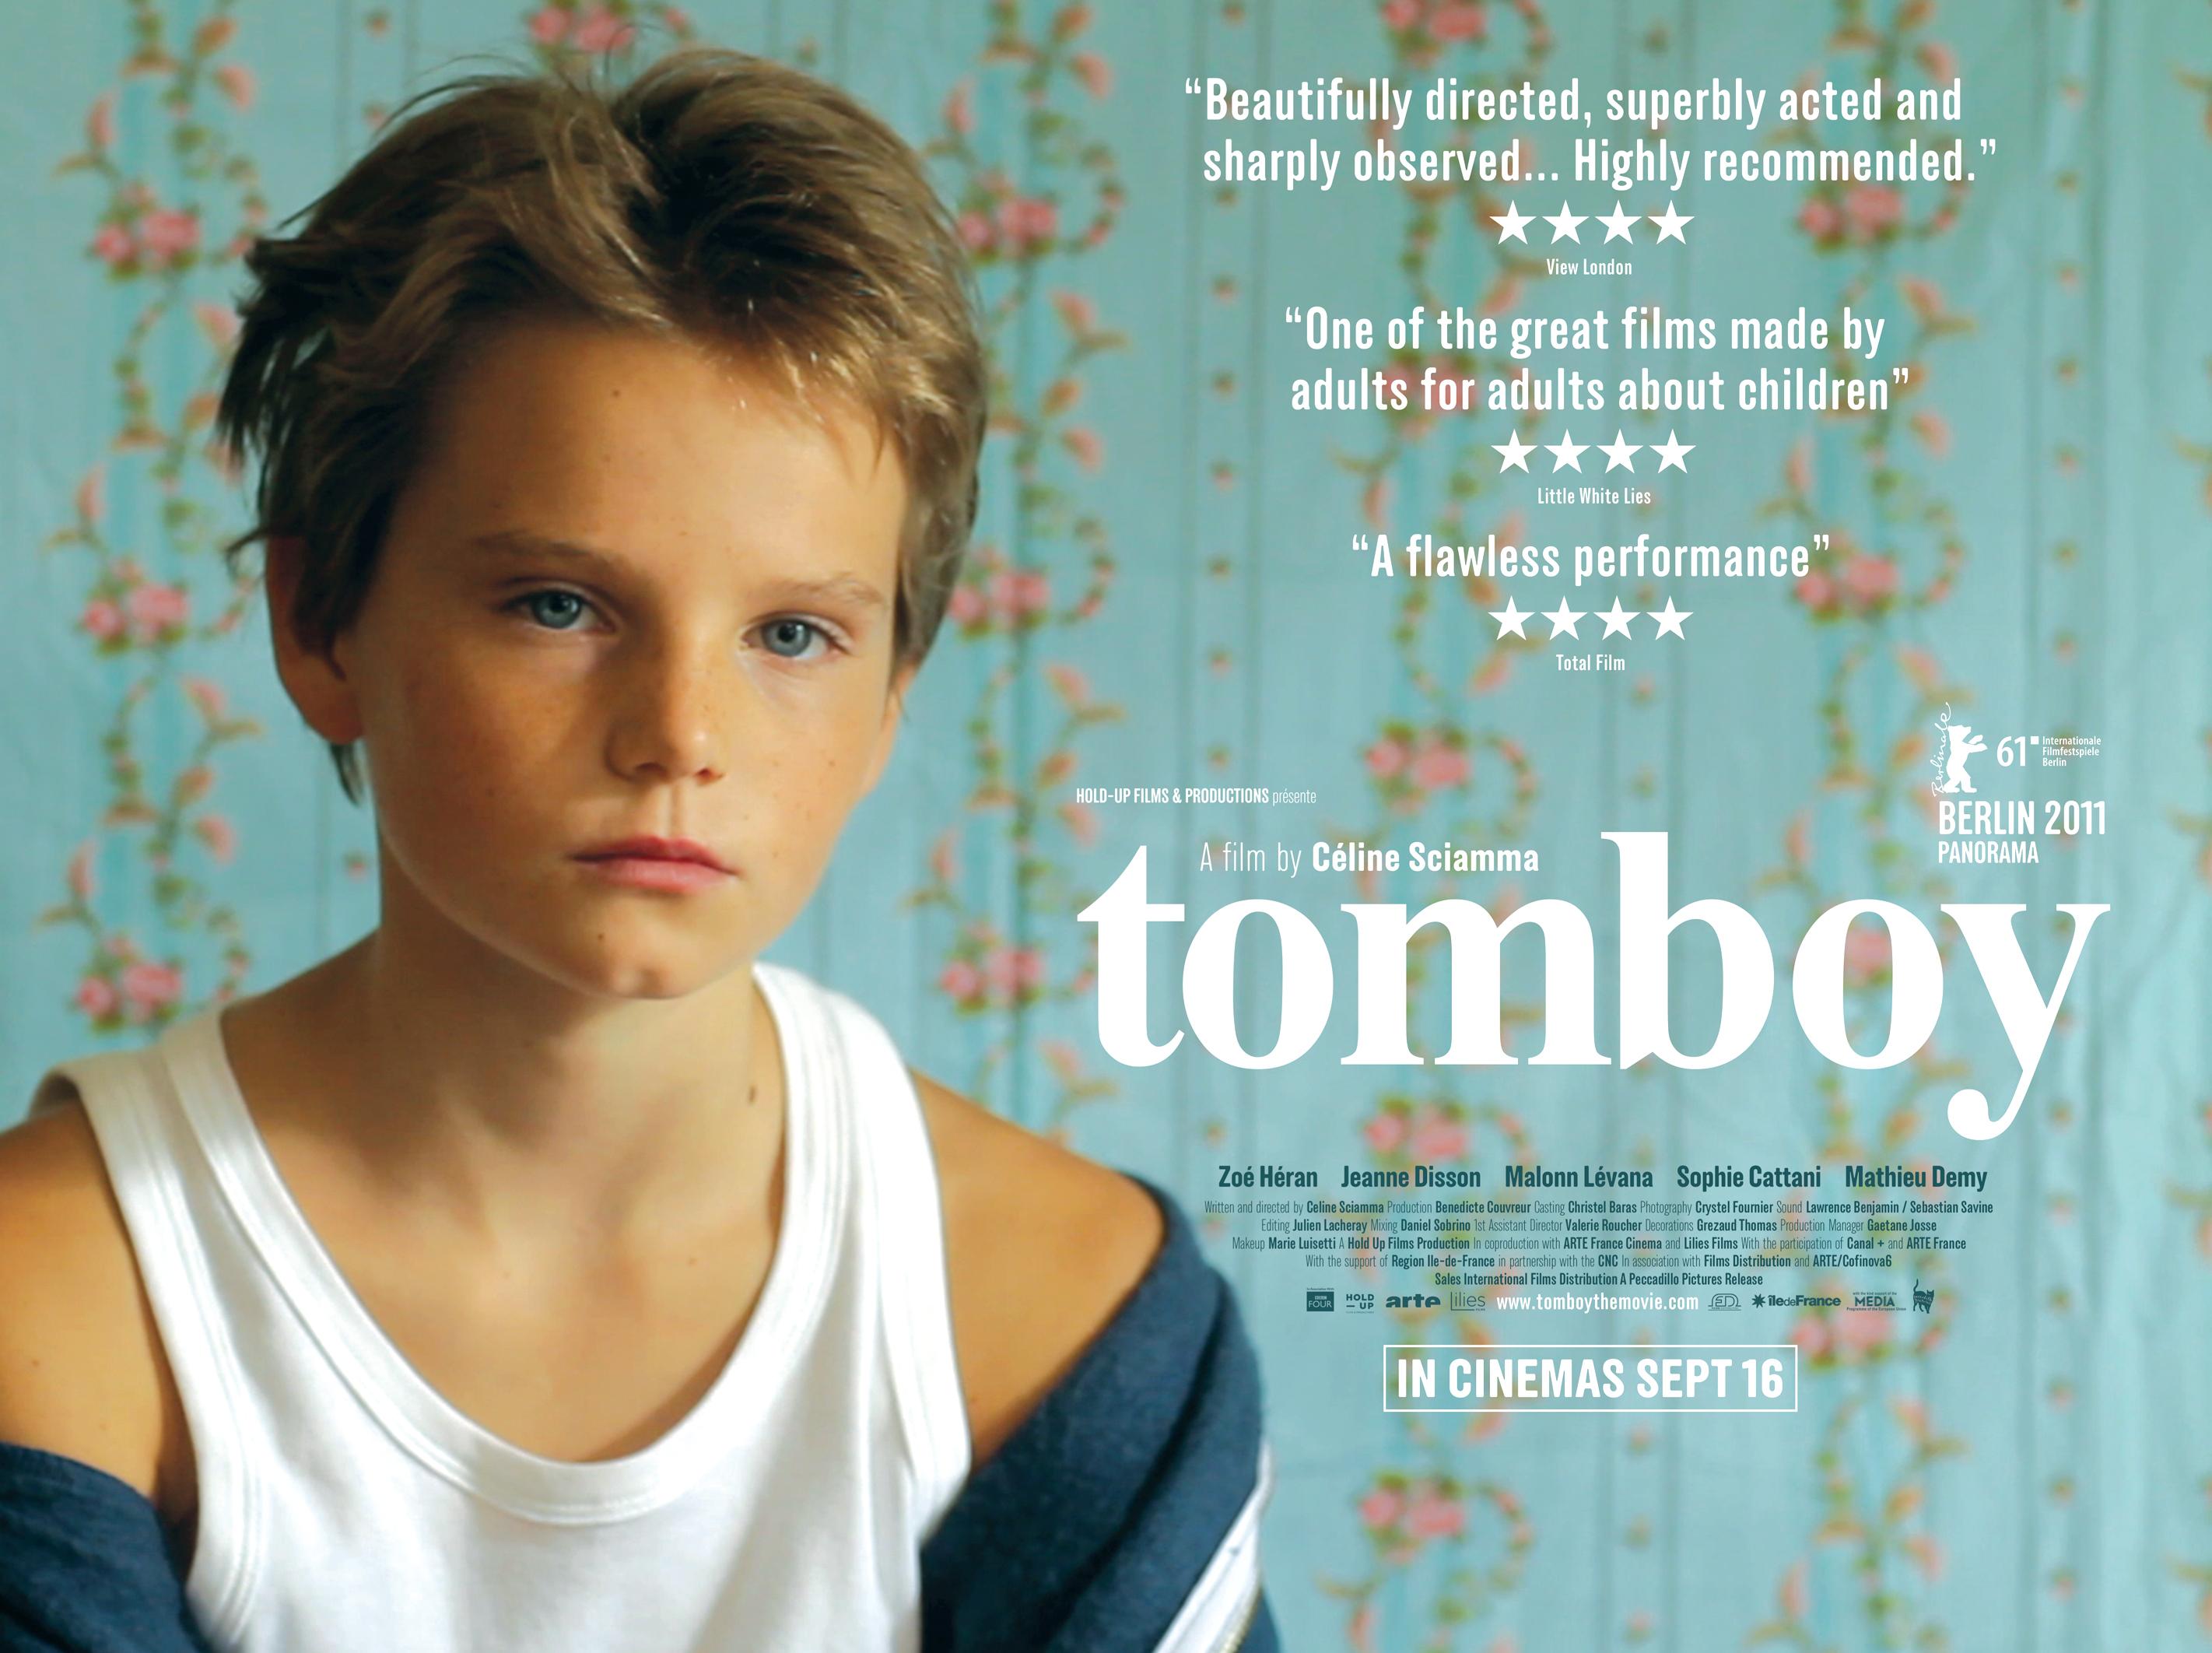 Tomboy Poster Final